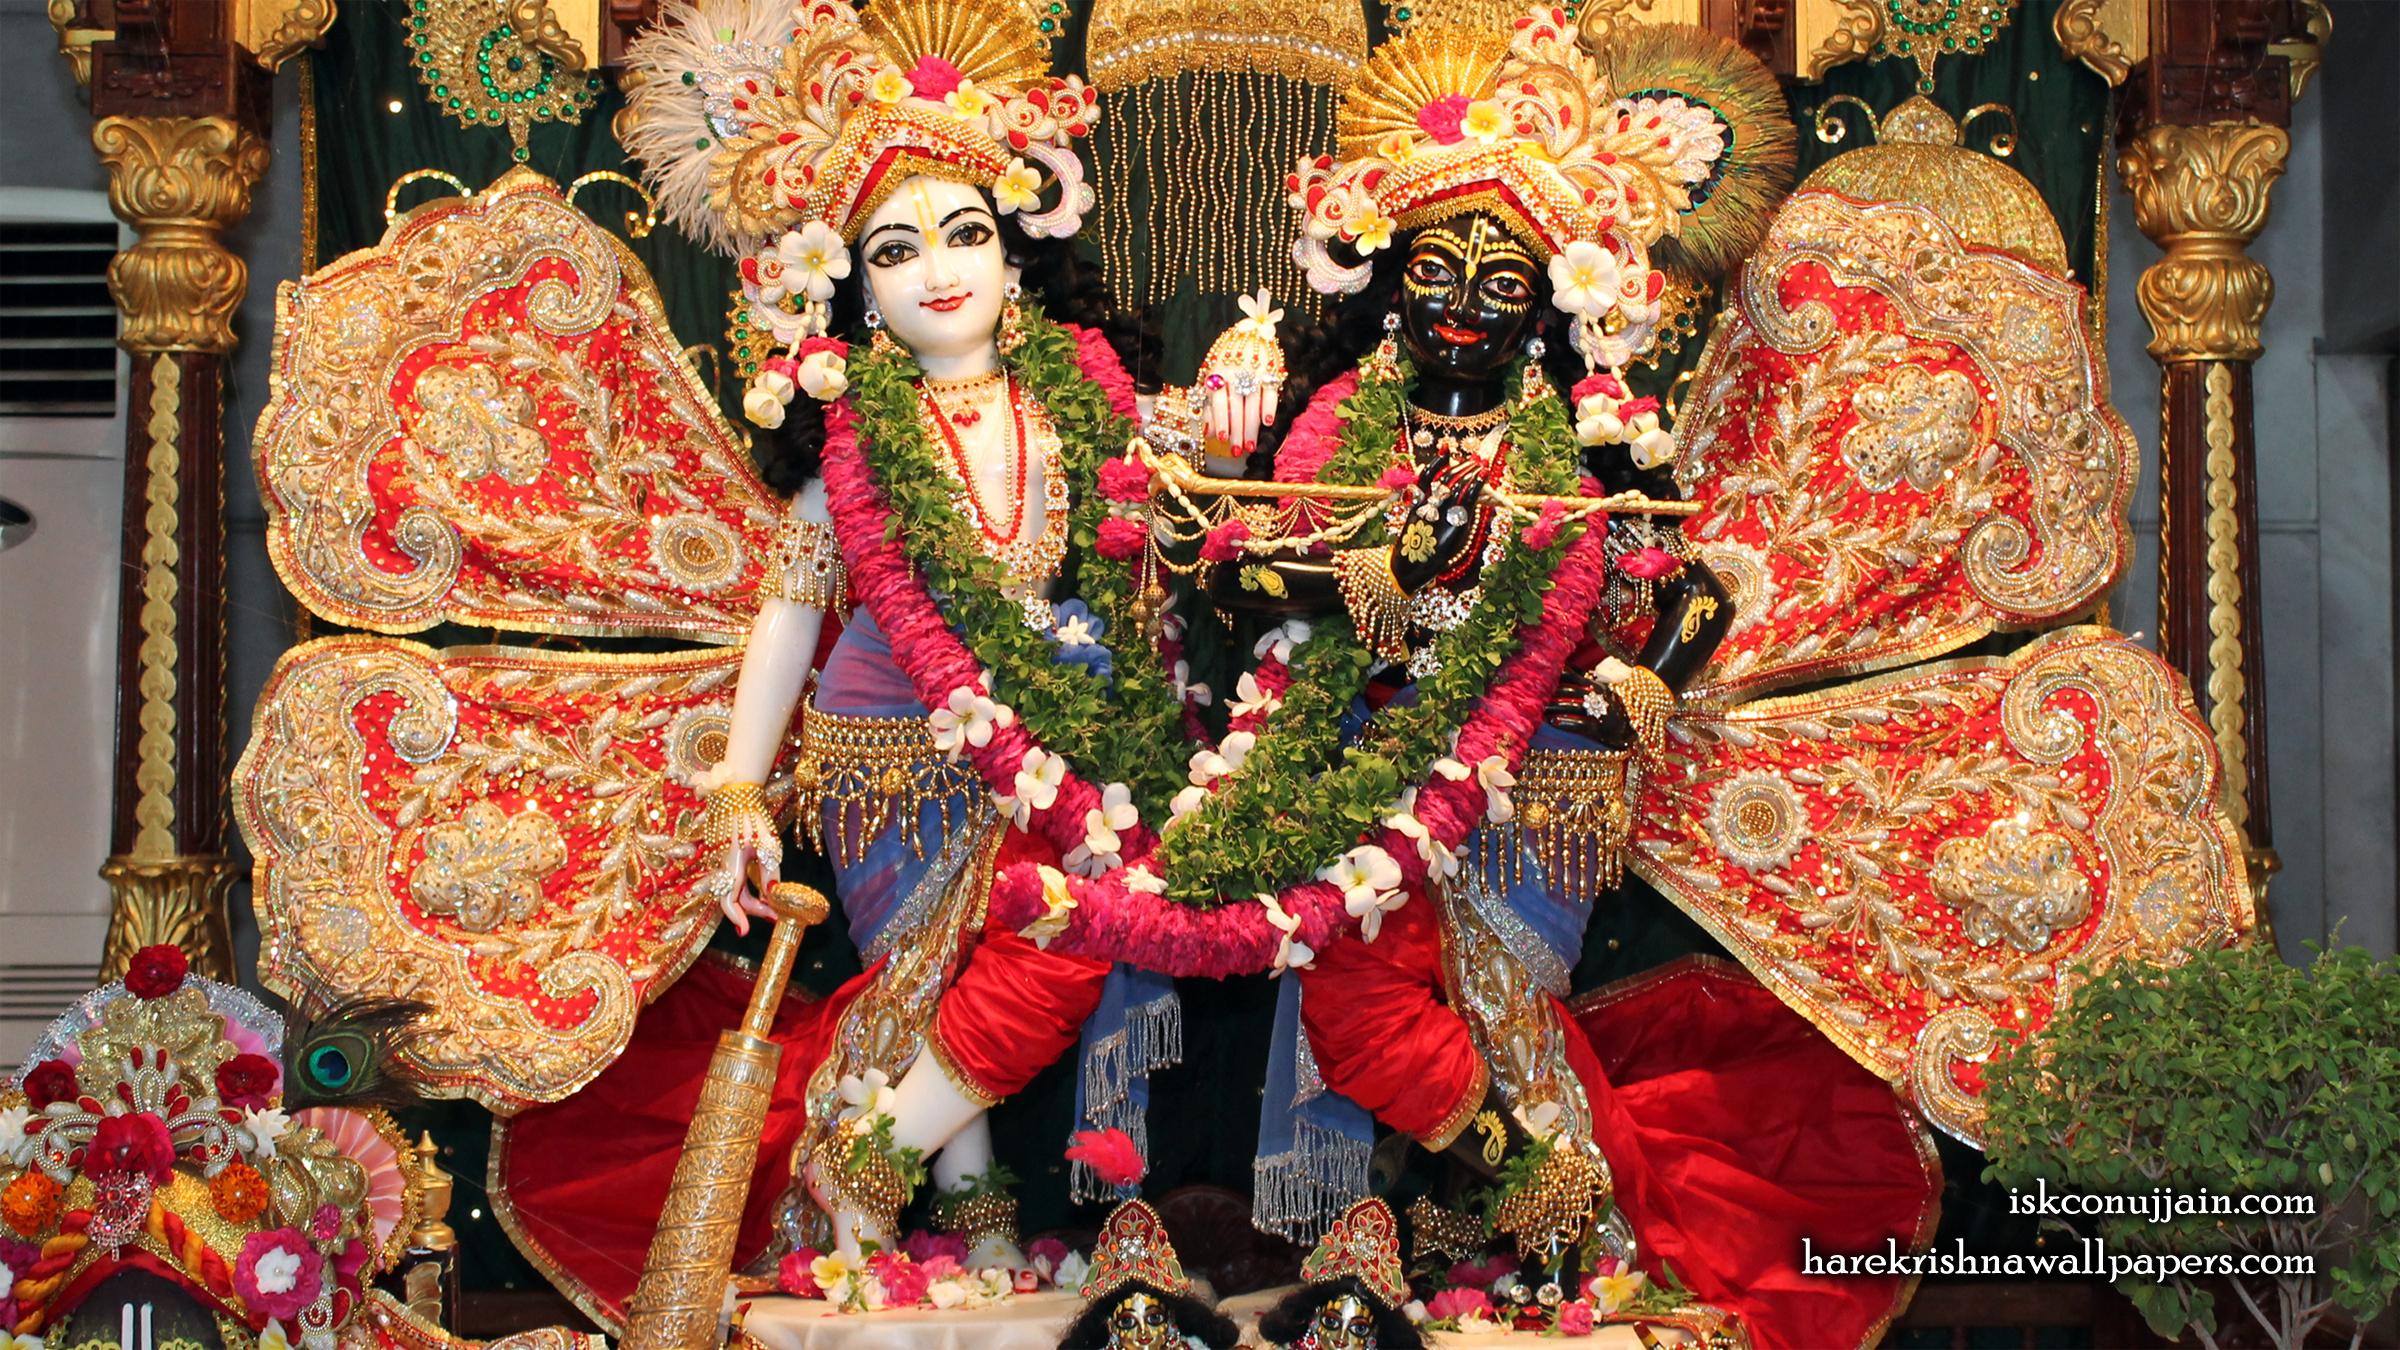 Sri Sri Krishna Balaram Wallpaper (005) Size 2400x1350 Download